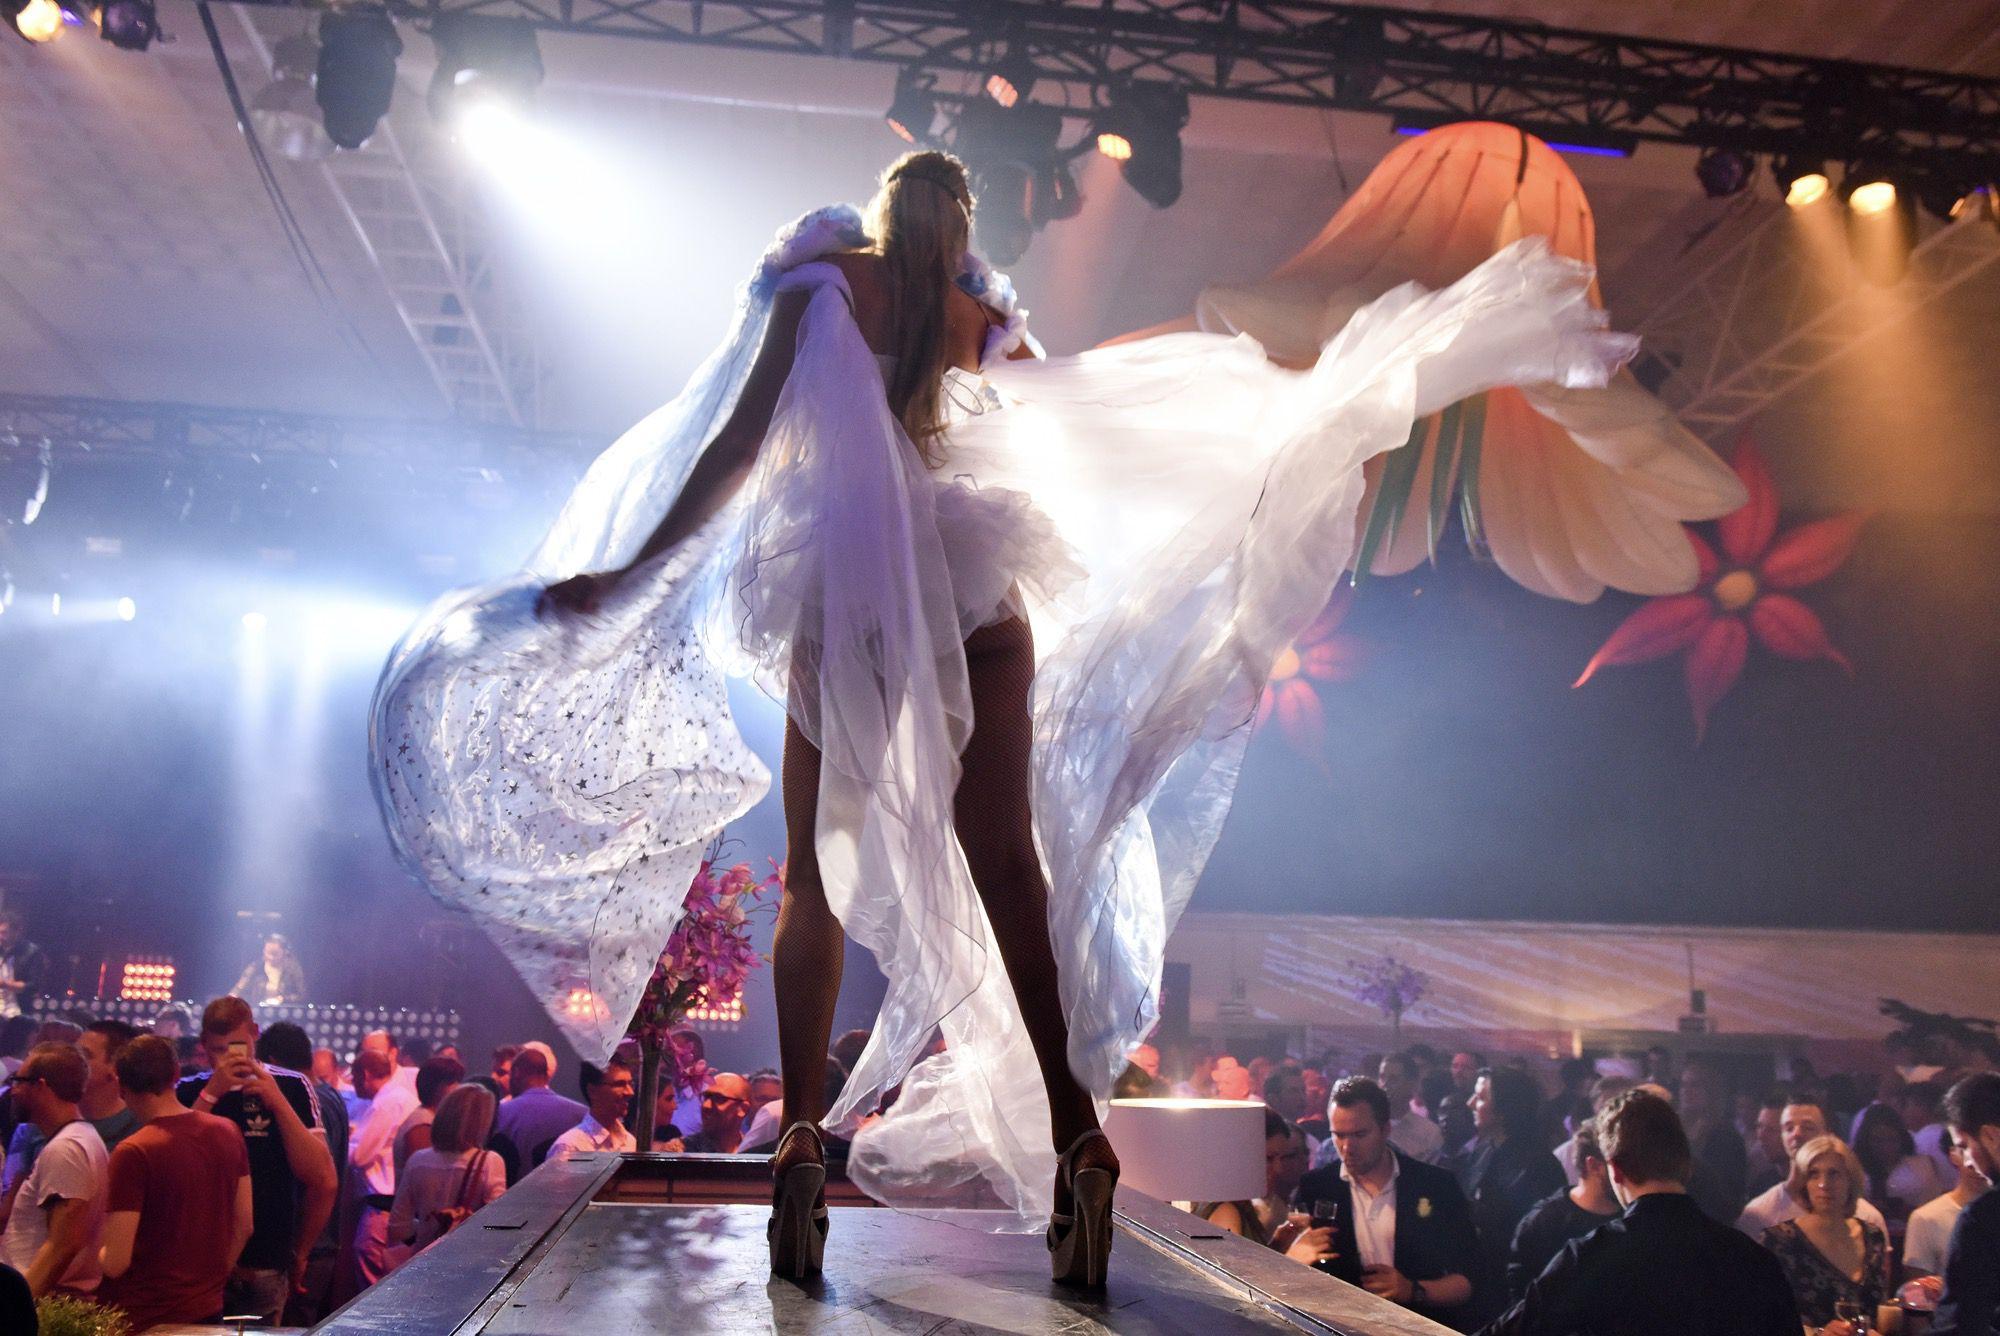 bart albrecht fotograaf photographer huwelijksfotograaf bruidsfotograaf events bedrijfsfeesten party feesten fotografie 0013.jpg